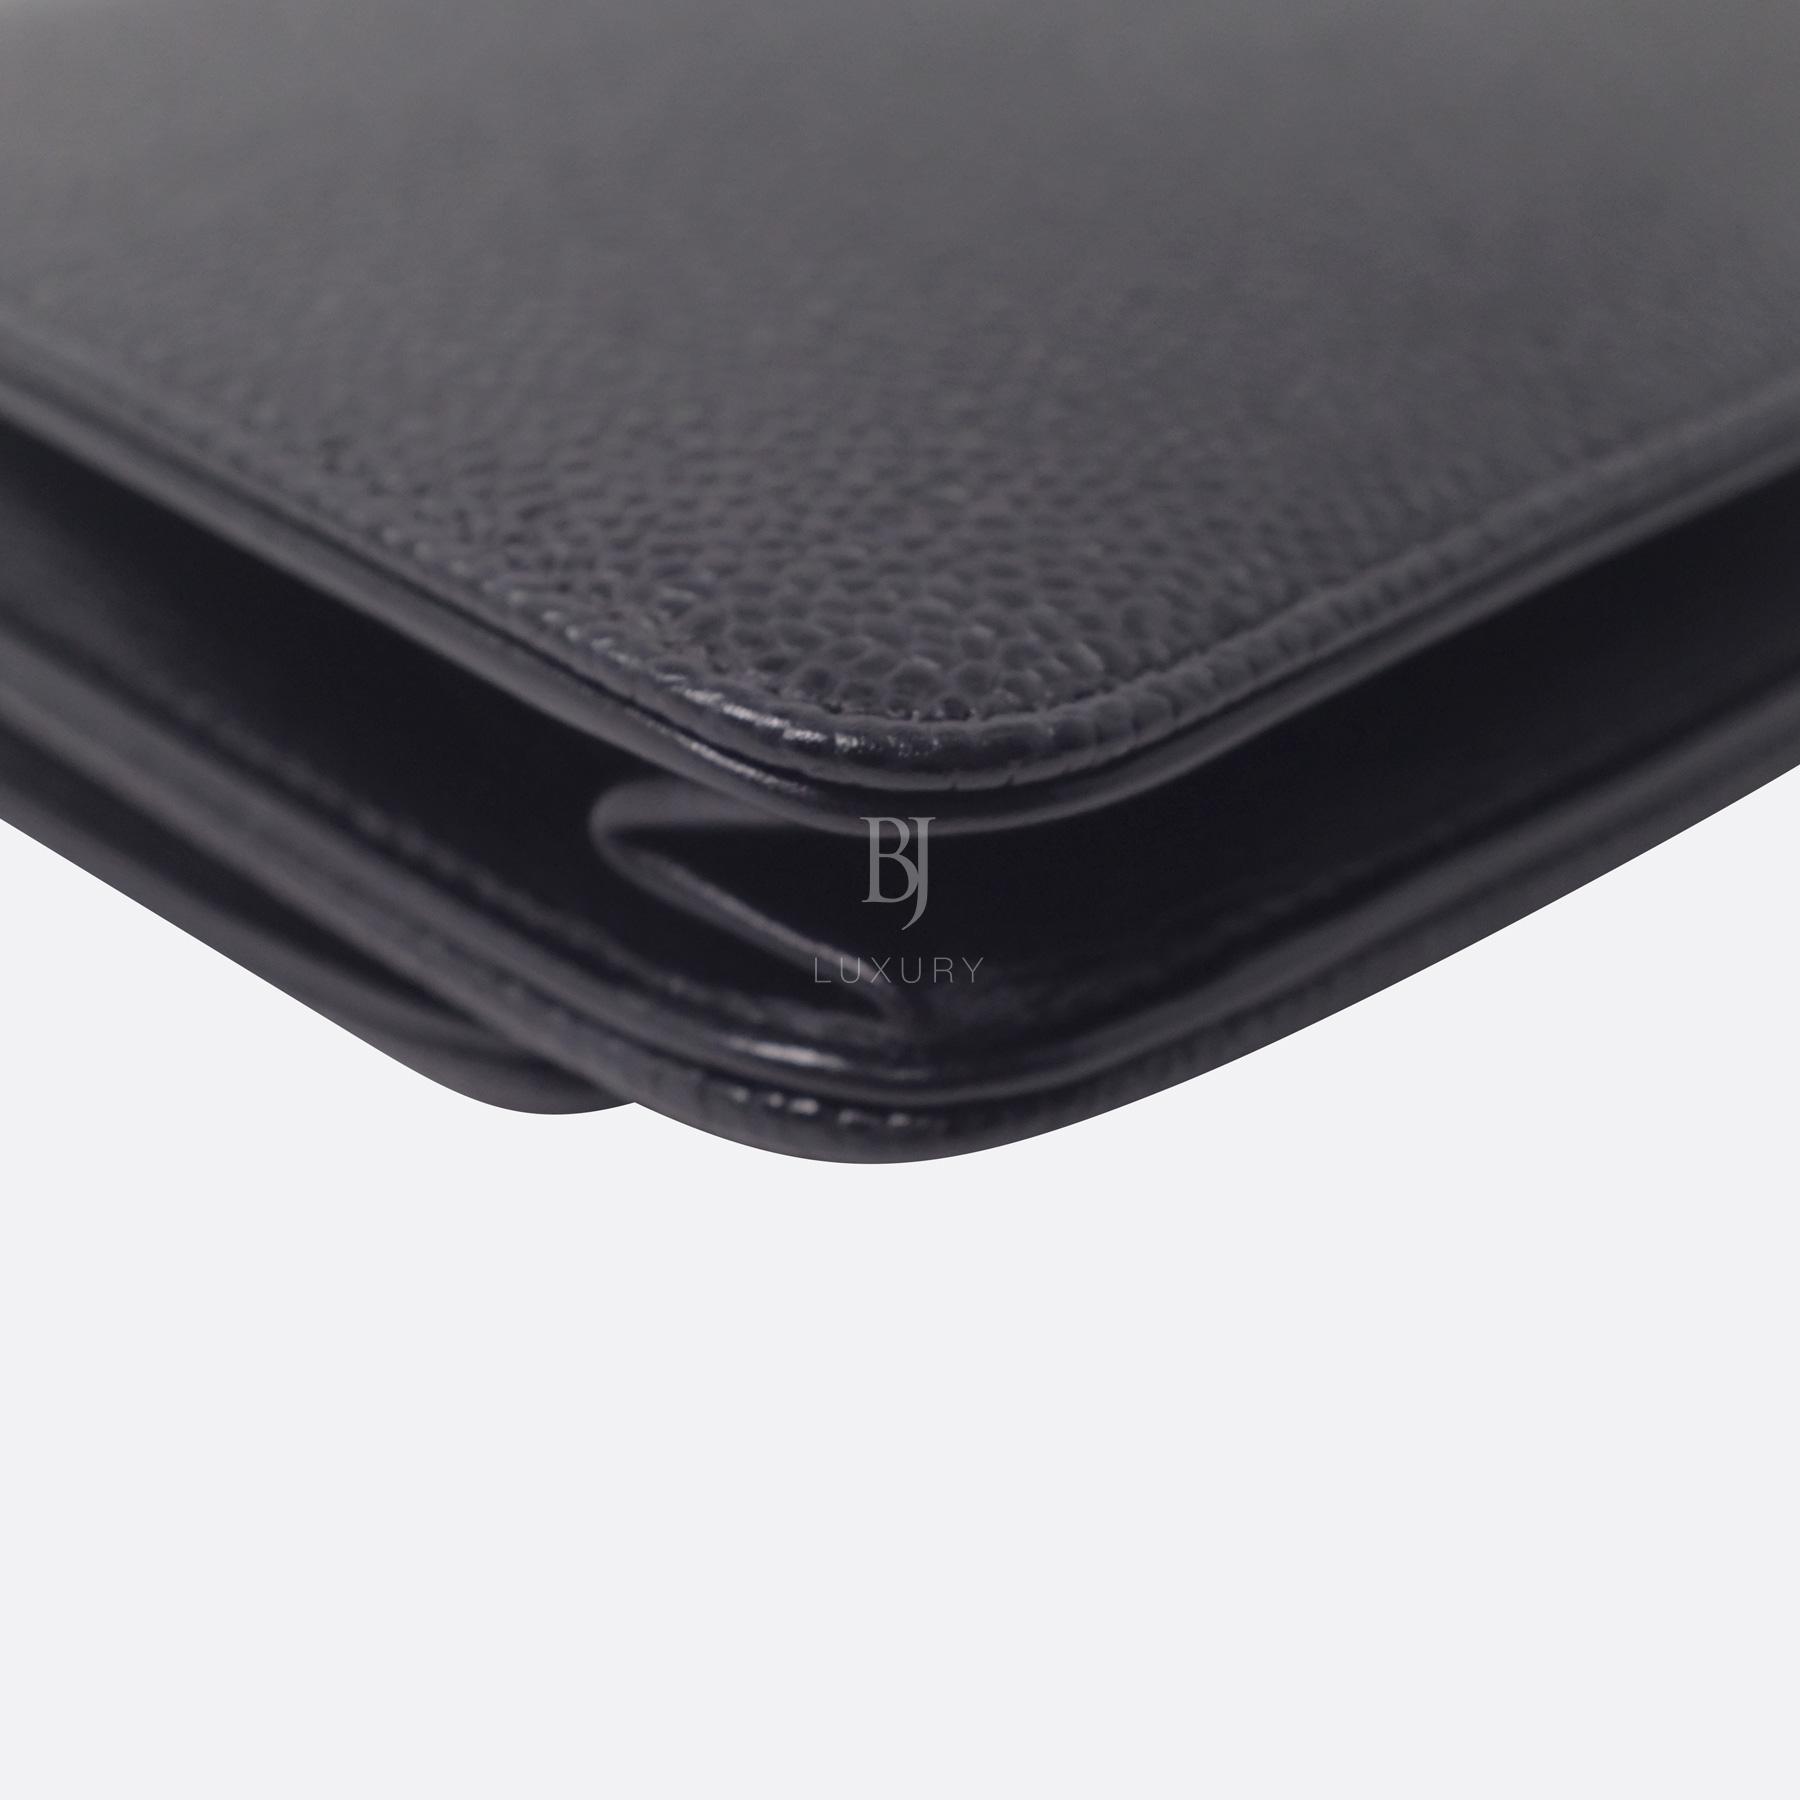 Chanel Wallet on Chain Caviar Silver Black BJ Luxury 10.jpg